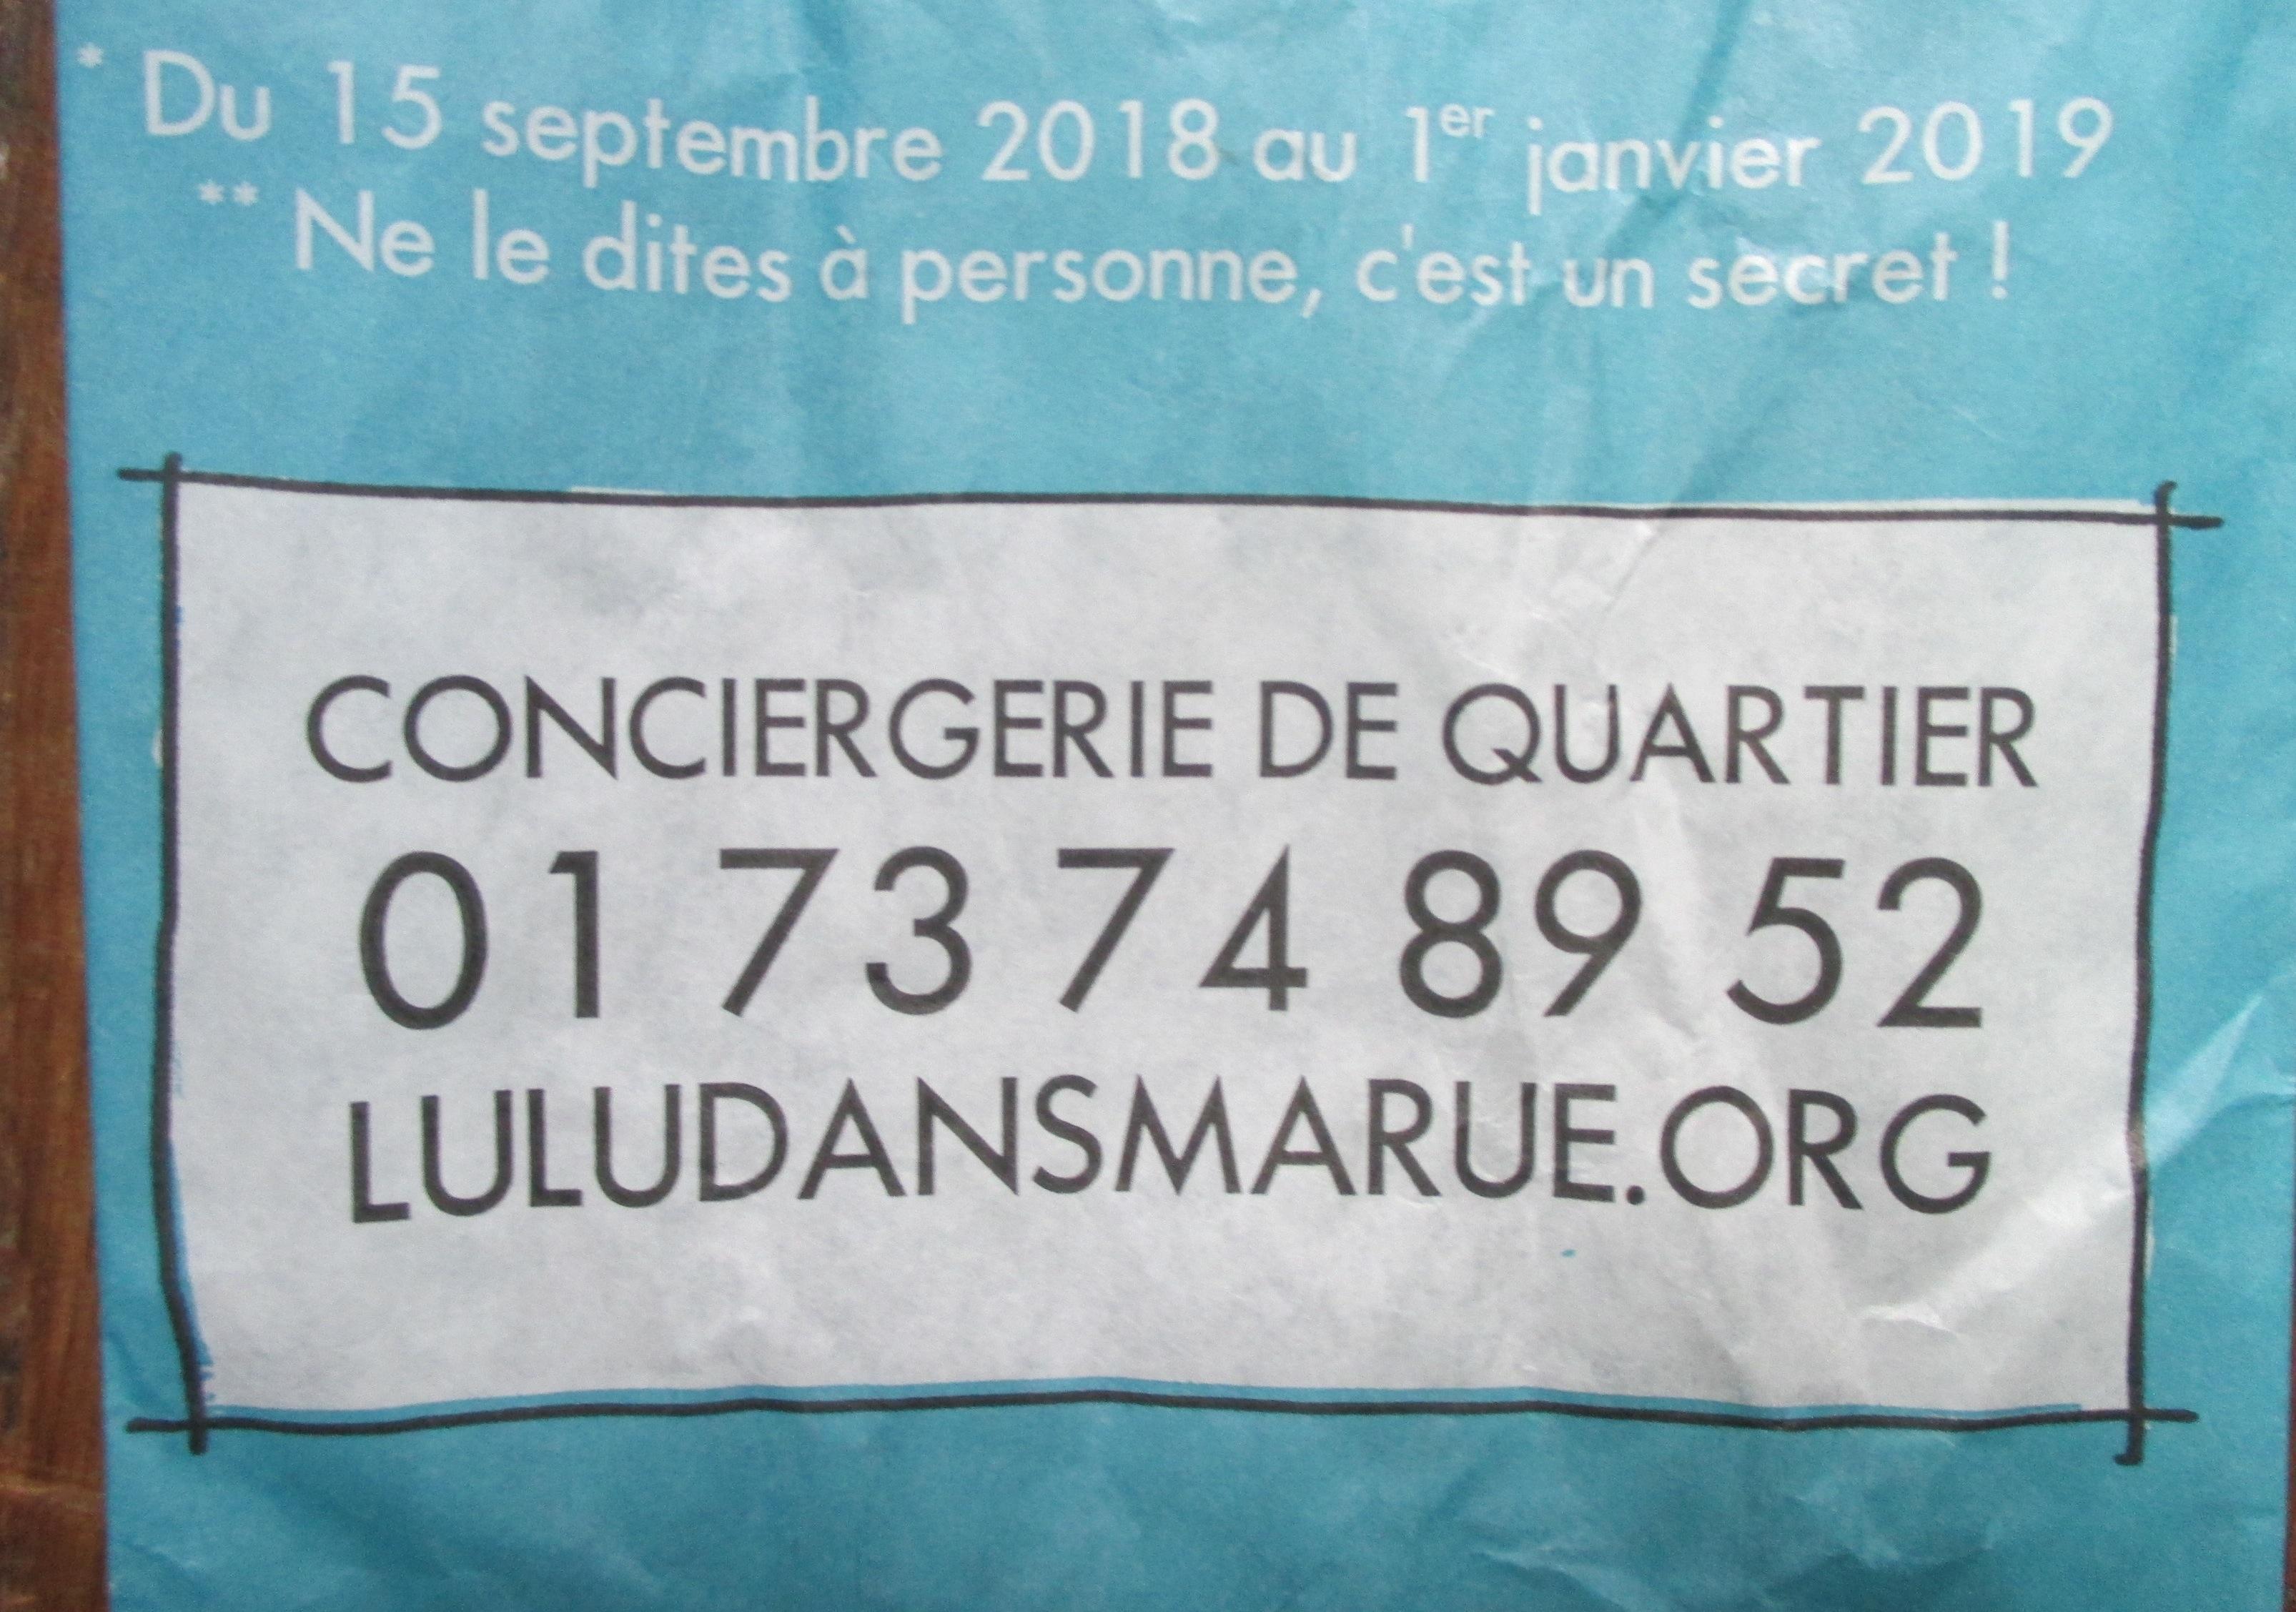 troc de troc code promo 10 euros conciergerie lulu image 2